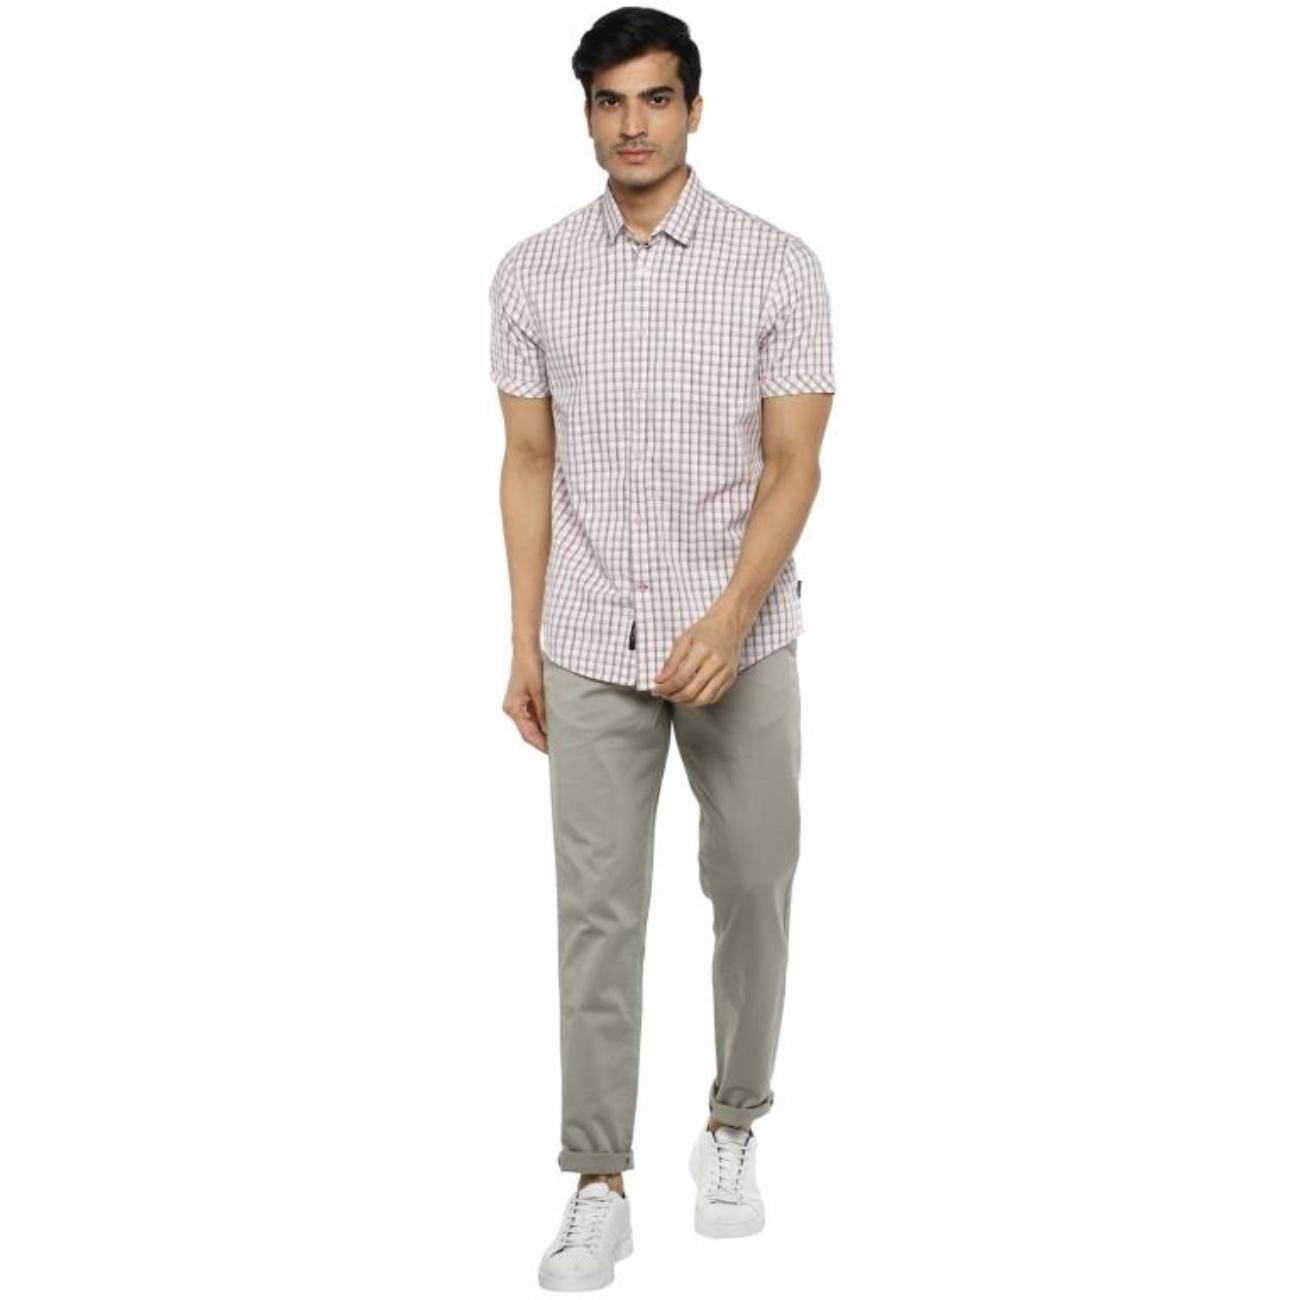 Online Shirts for Men